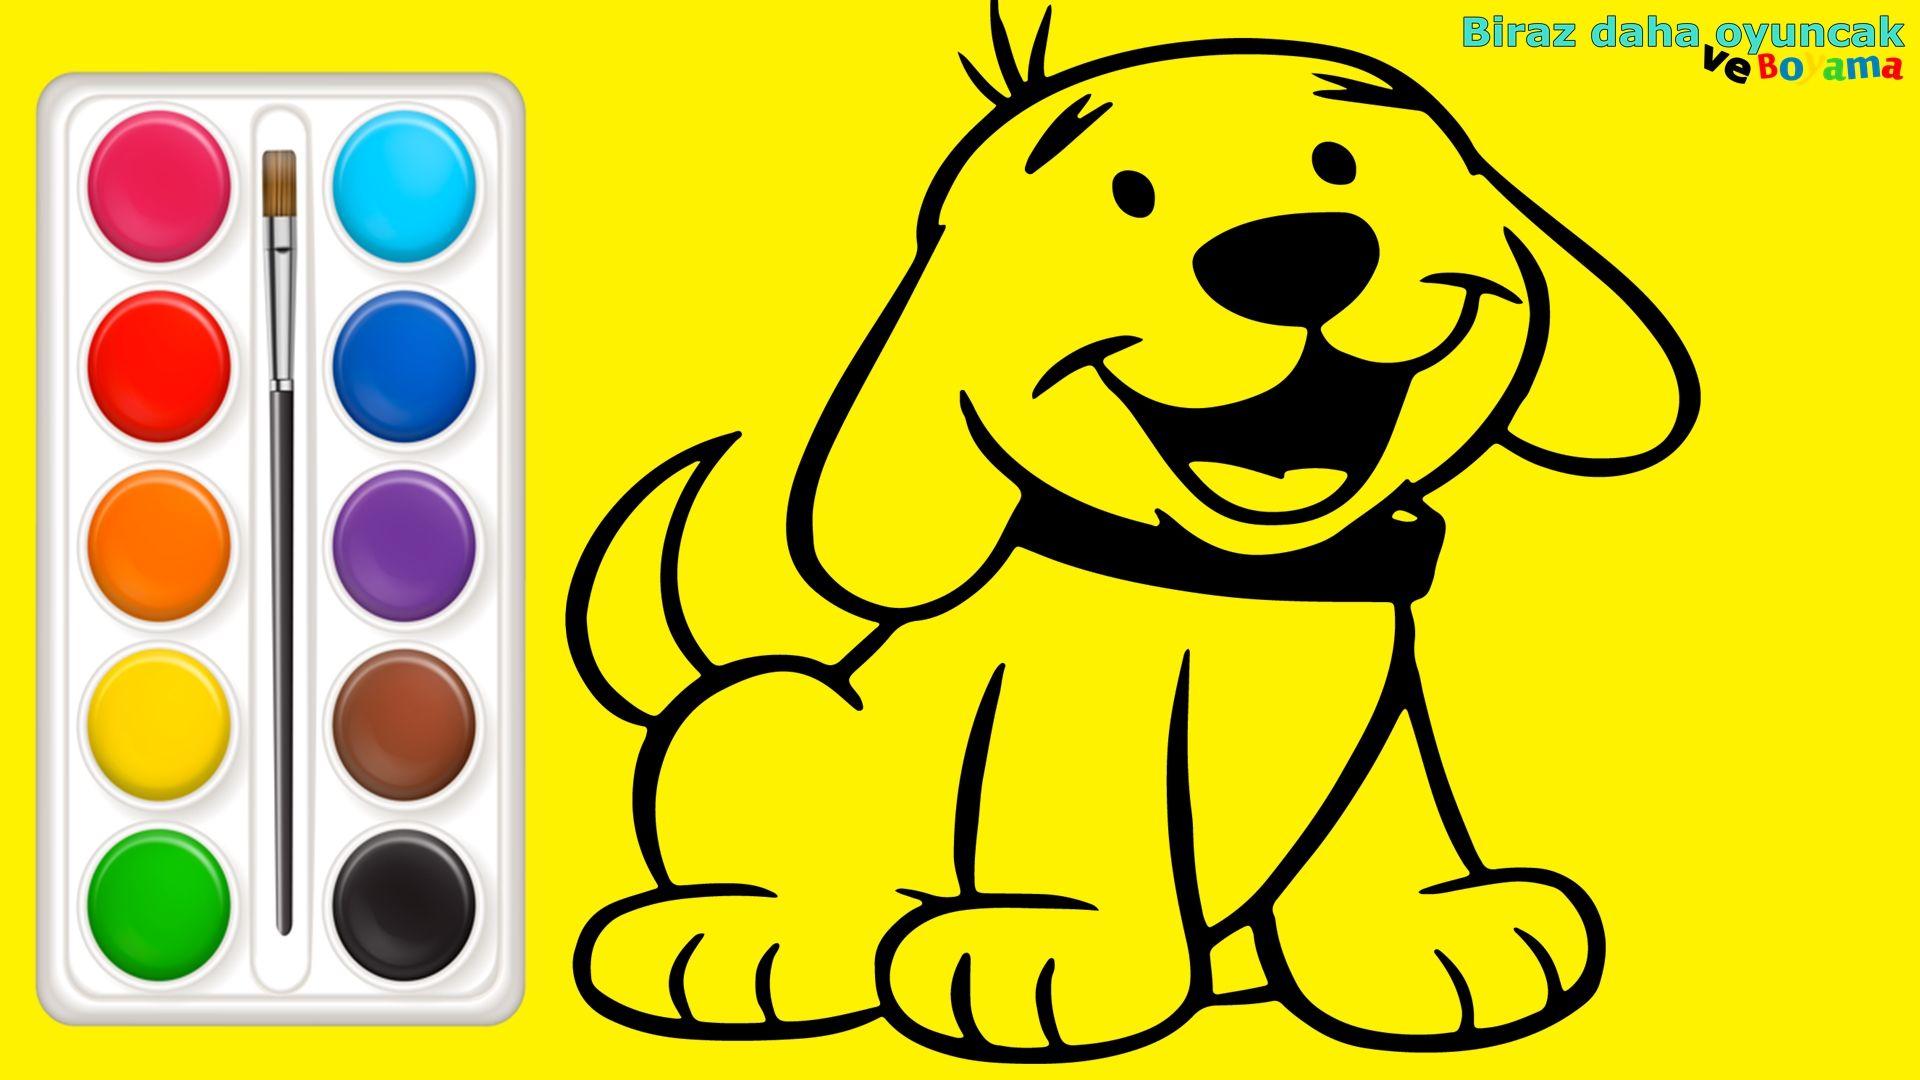 Kopek Boyama Sayfasi Cocuklar Icin Egitici Boyama Videolari Boyama Oyunlari Pluto The Dog Scooby Scooby Doo